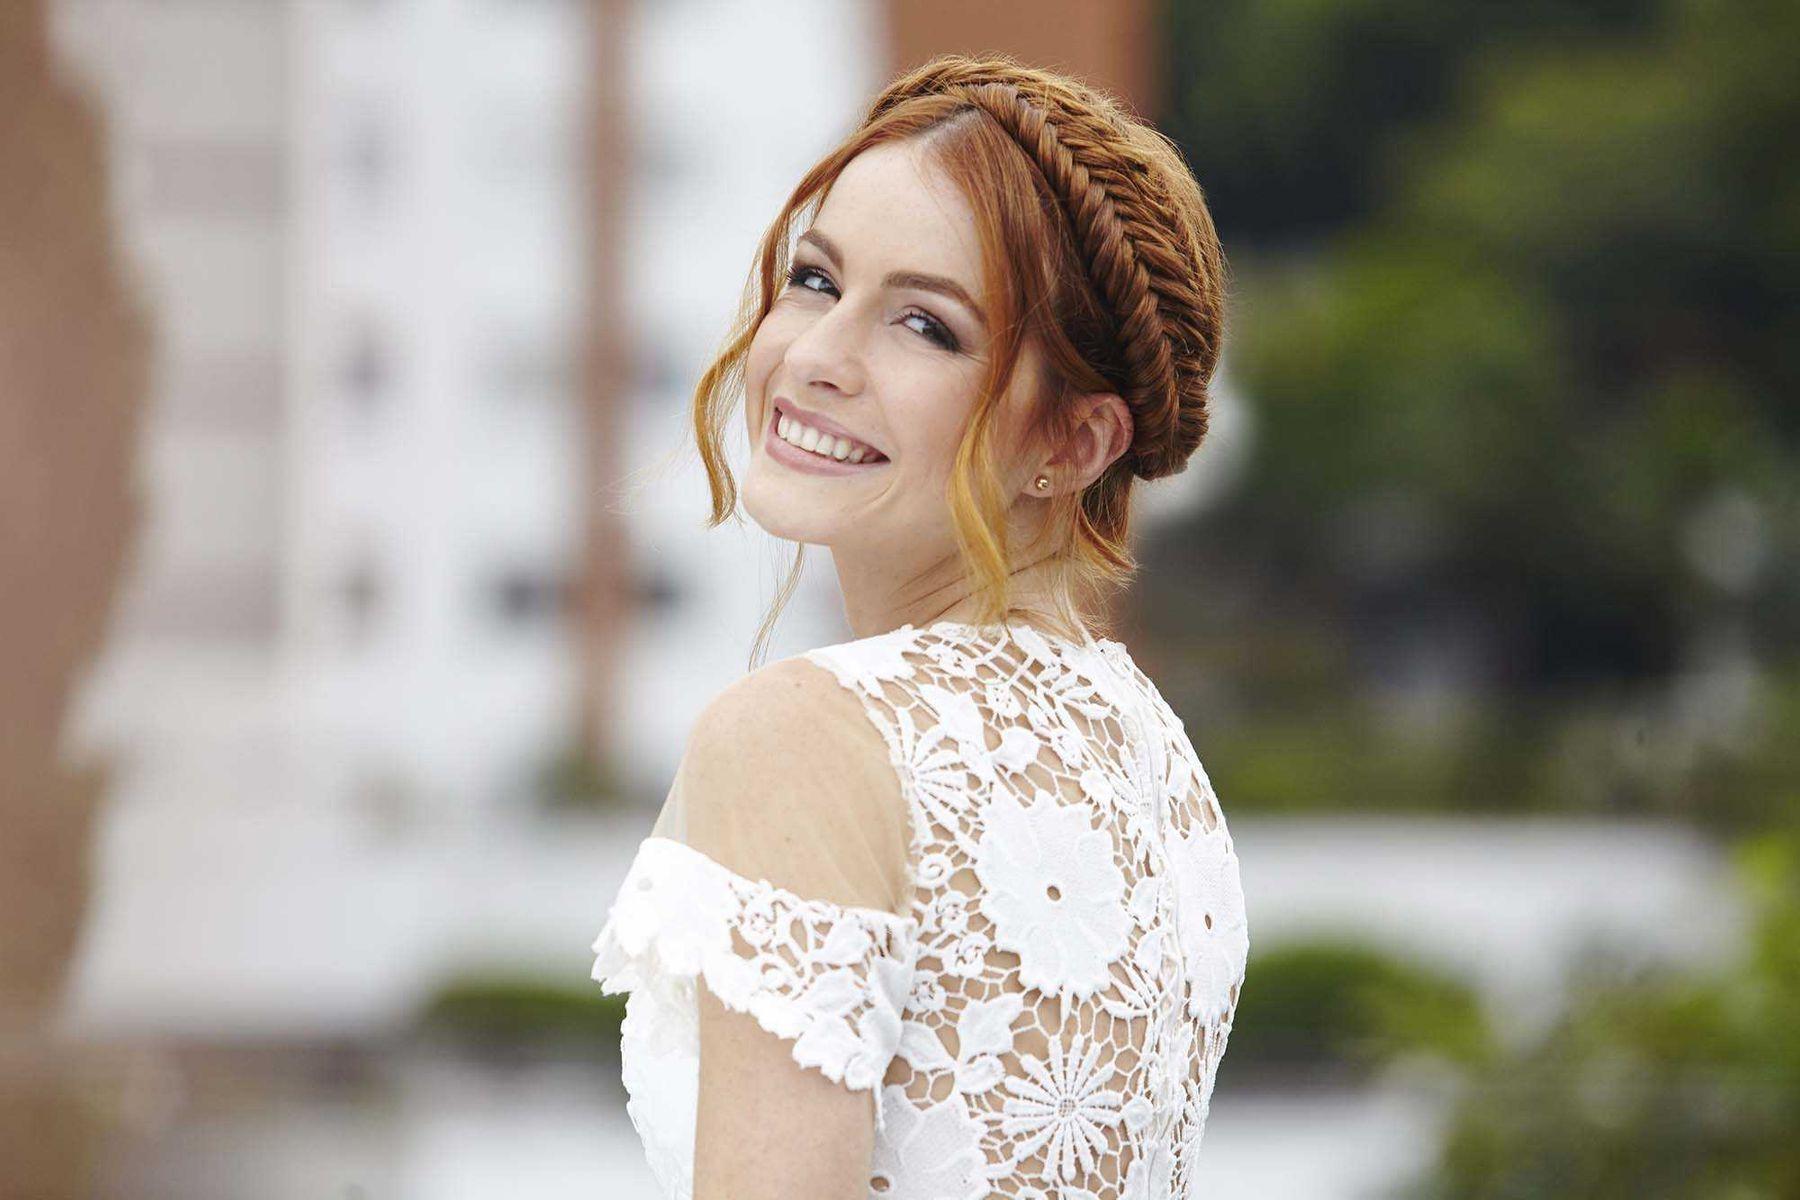 Lựa chọn trang phục đám cưới như thế nào là phù hợp?